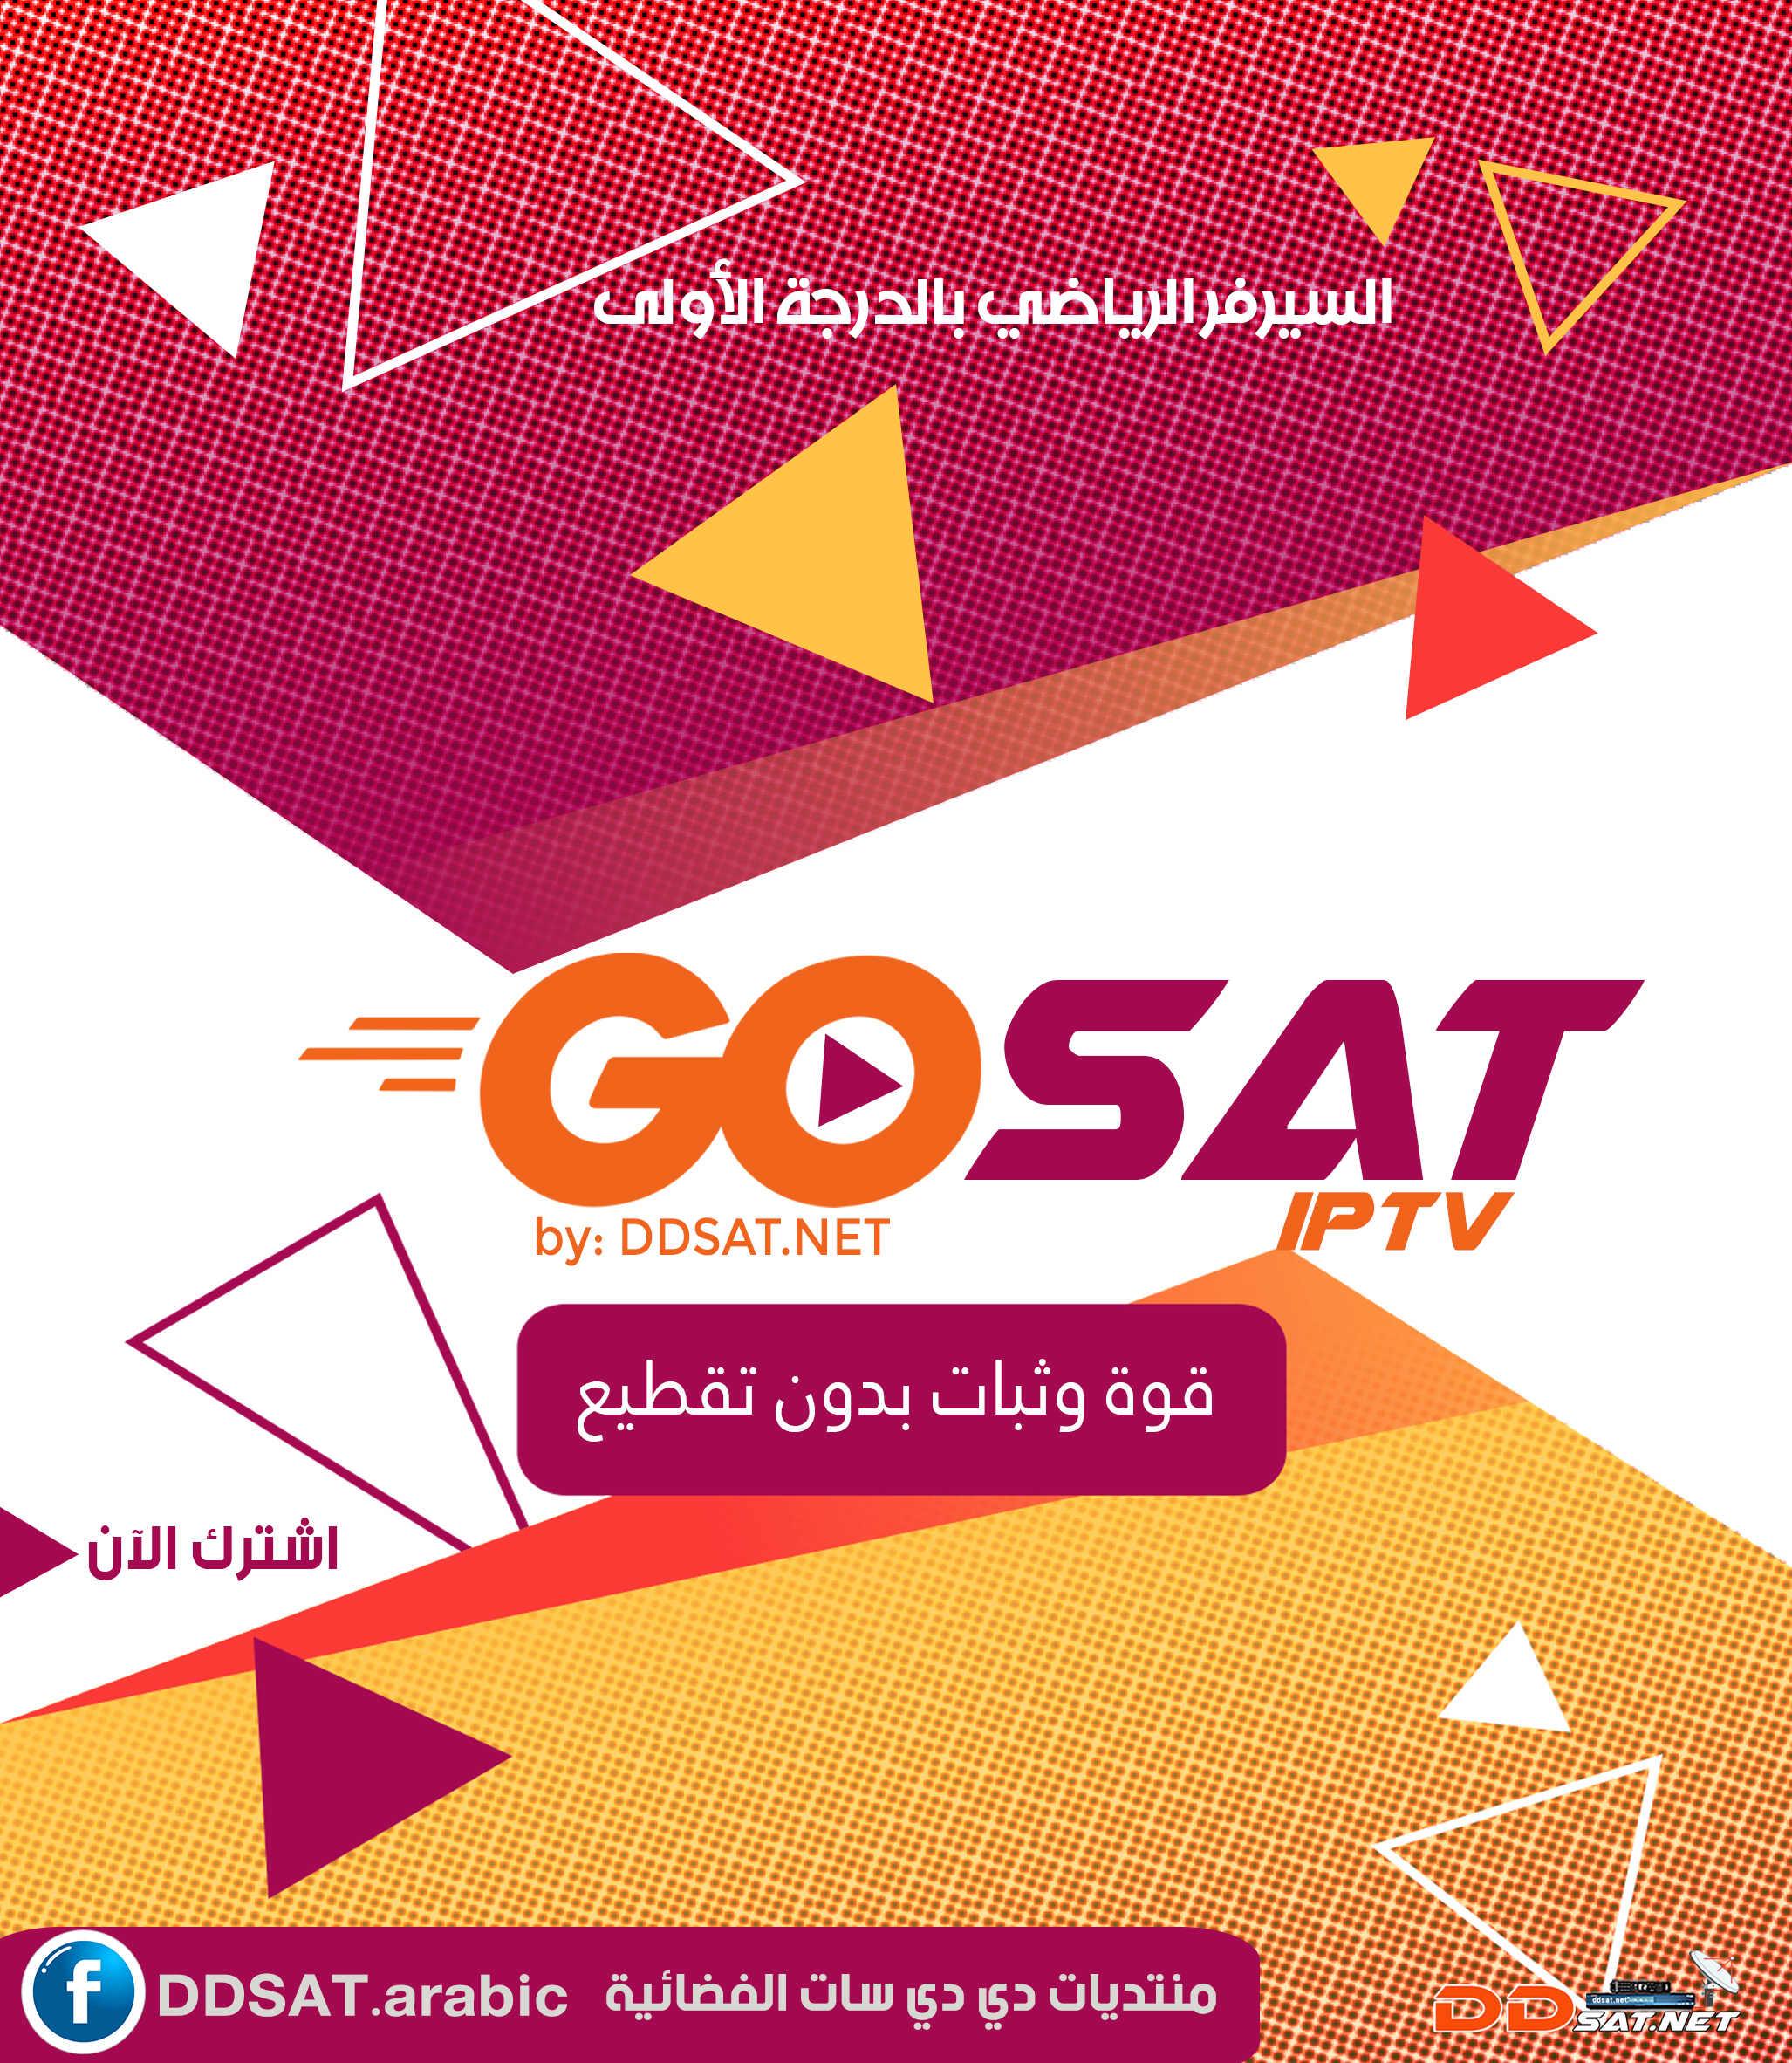 اشتراكات سيرفر جوسات GO Sat iPTV السيرفر الرياضي